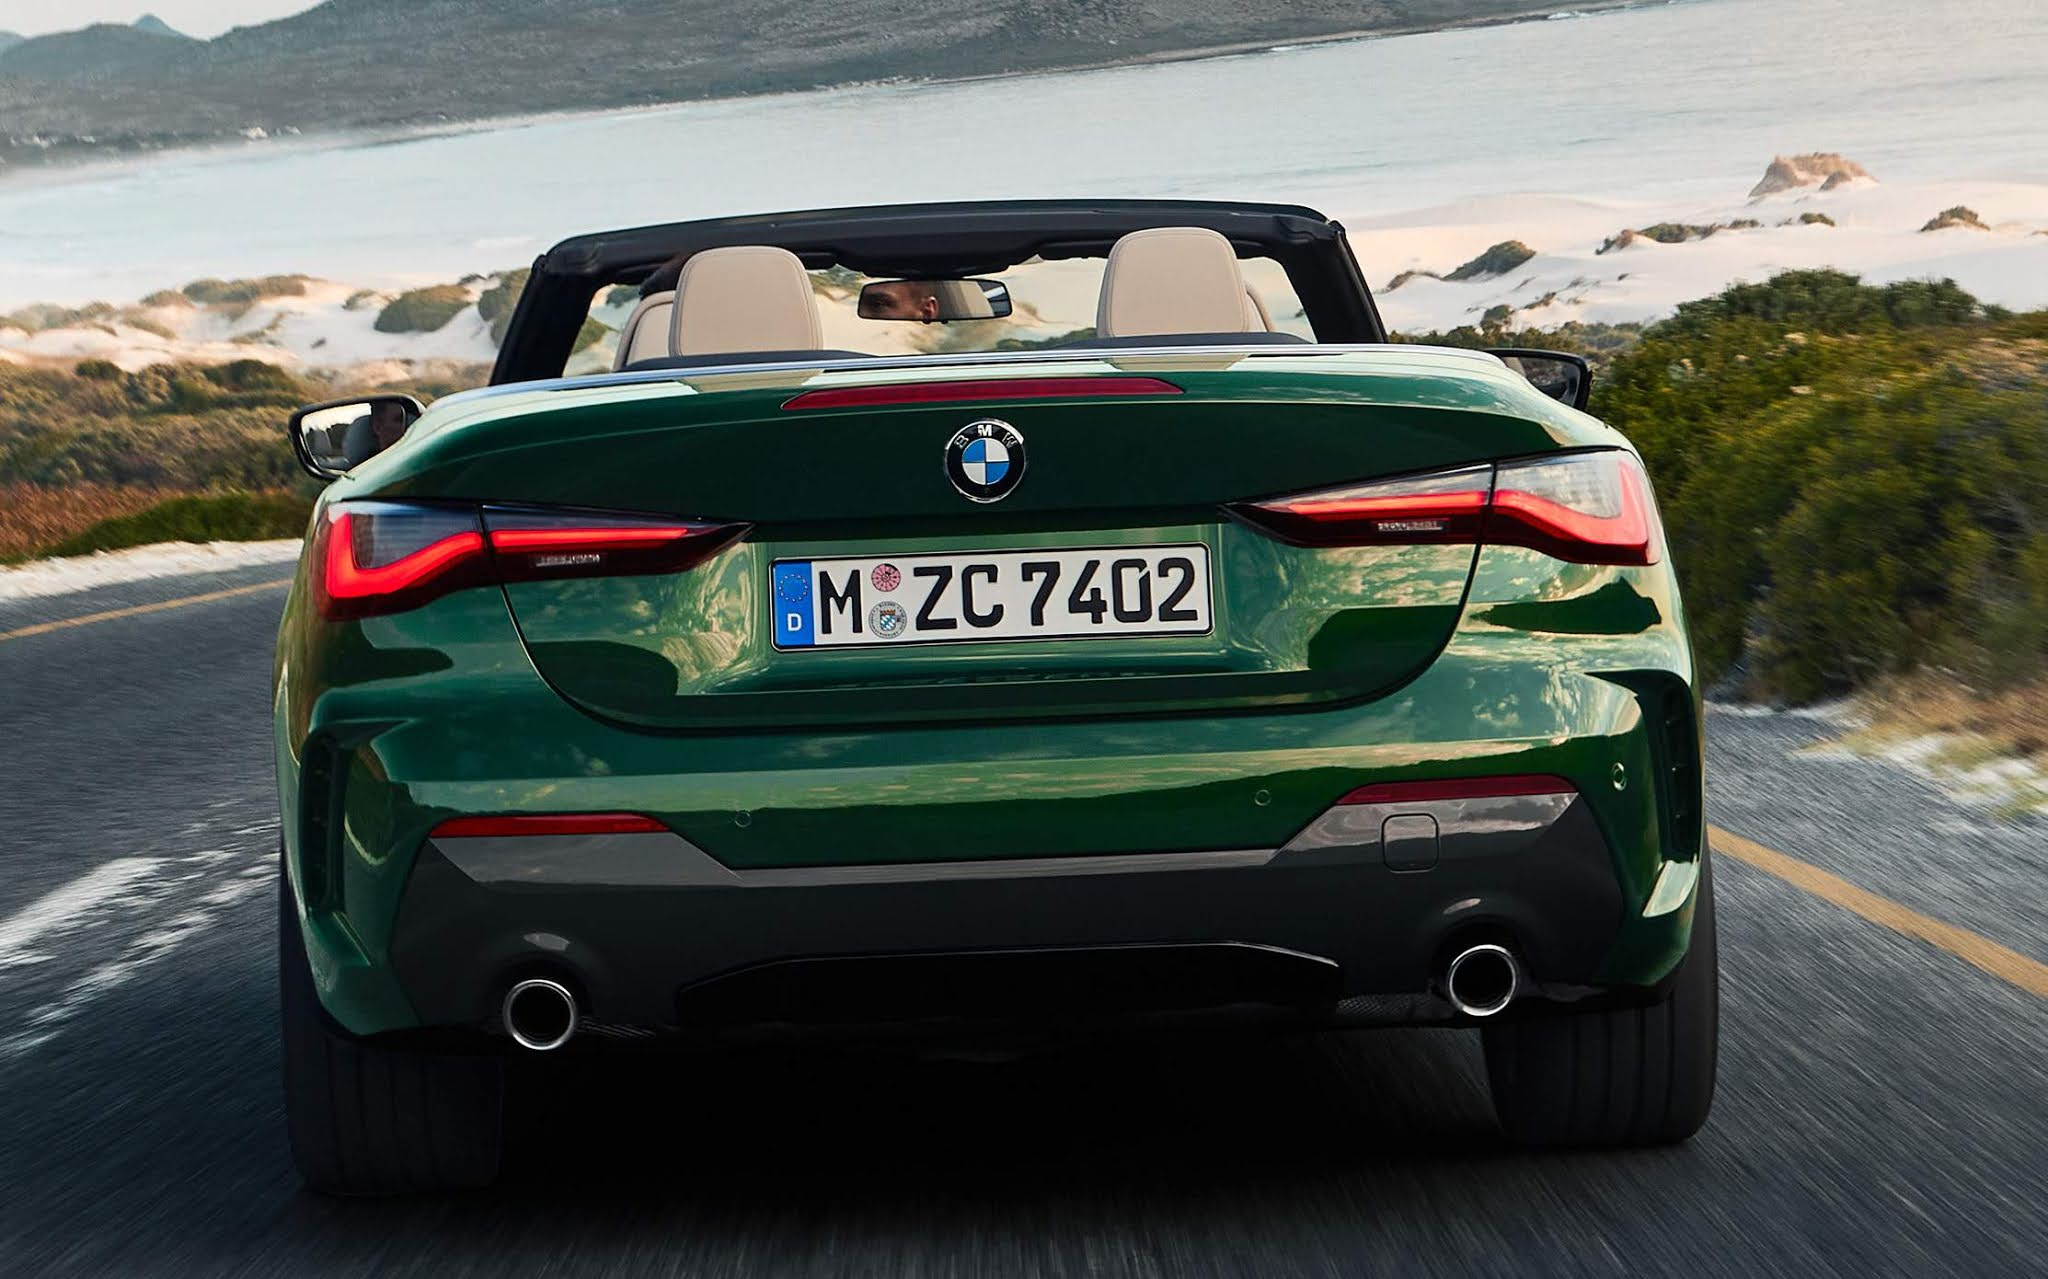 BMW Série 4 Cabrio tem laçamento confirmado para o Brasil em 2021